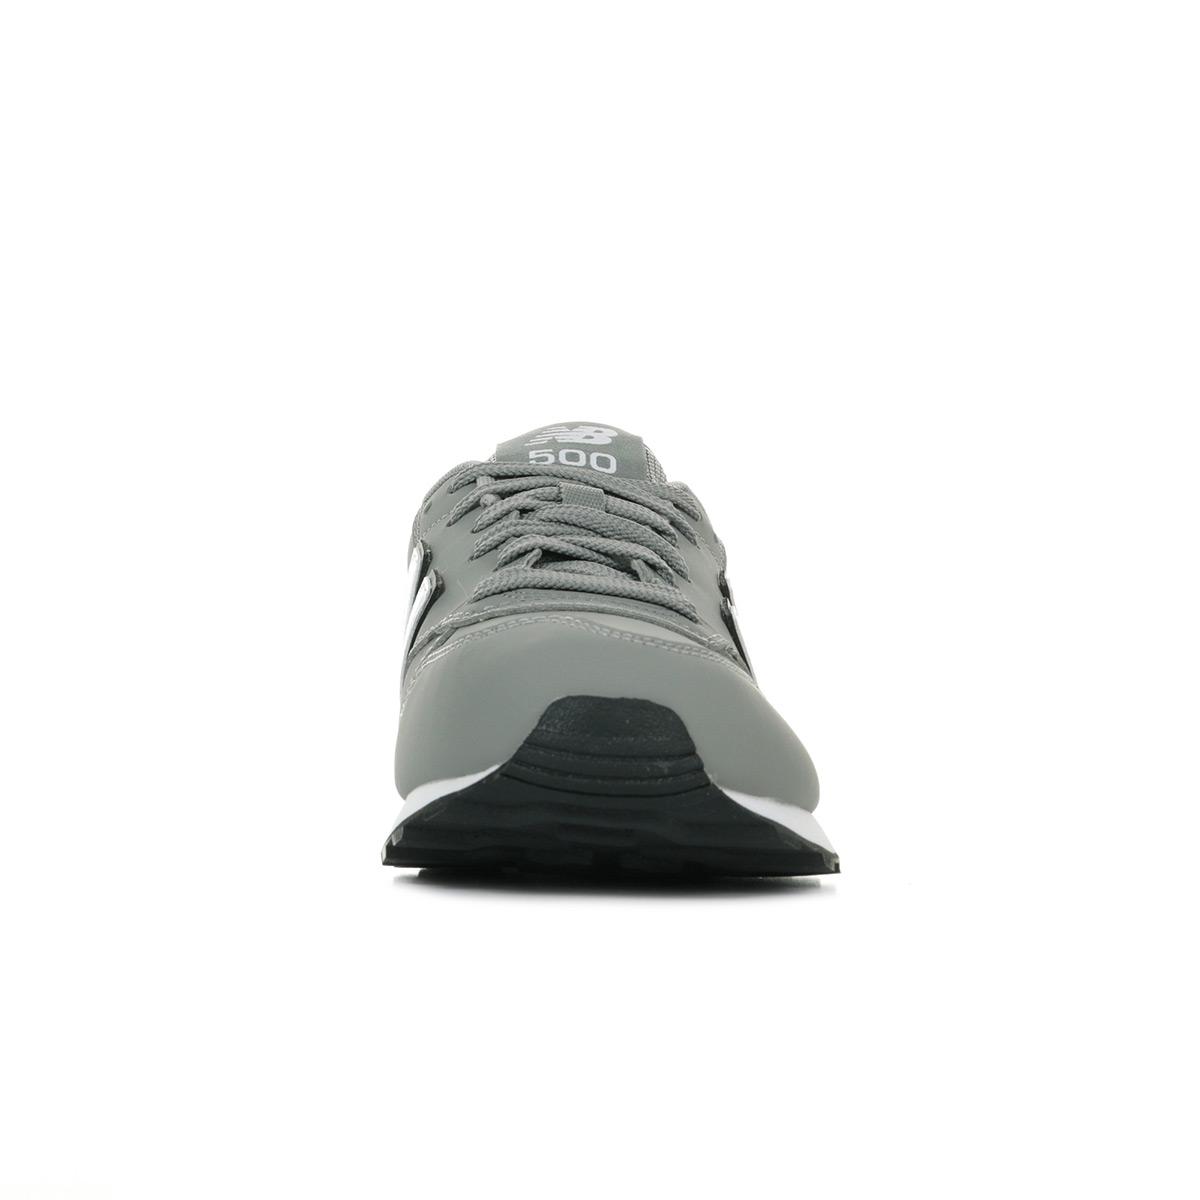 Gw500gir Balance New Baskets Mode Gir Femme 500 dgg7qt